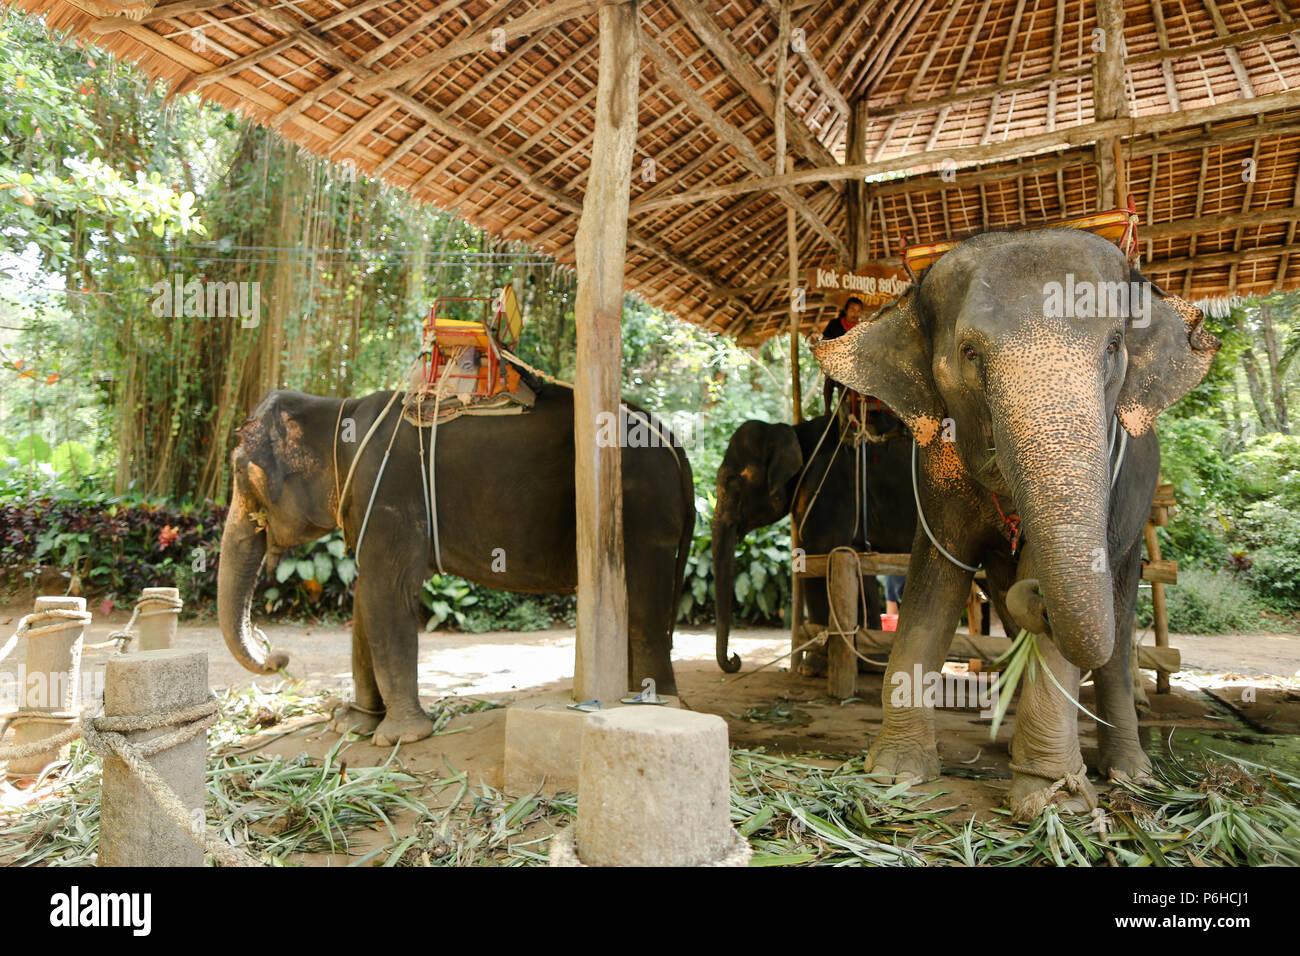 Gli elefanti addomesticati con sella pilota in Thailandia. Immagini Stock